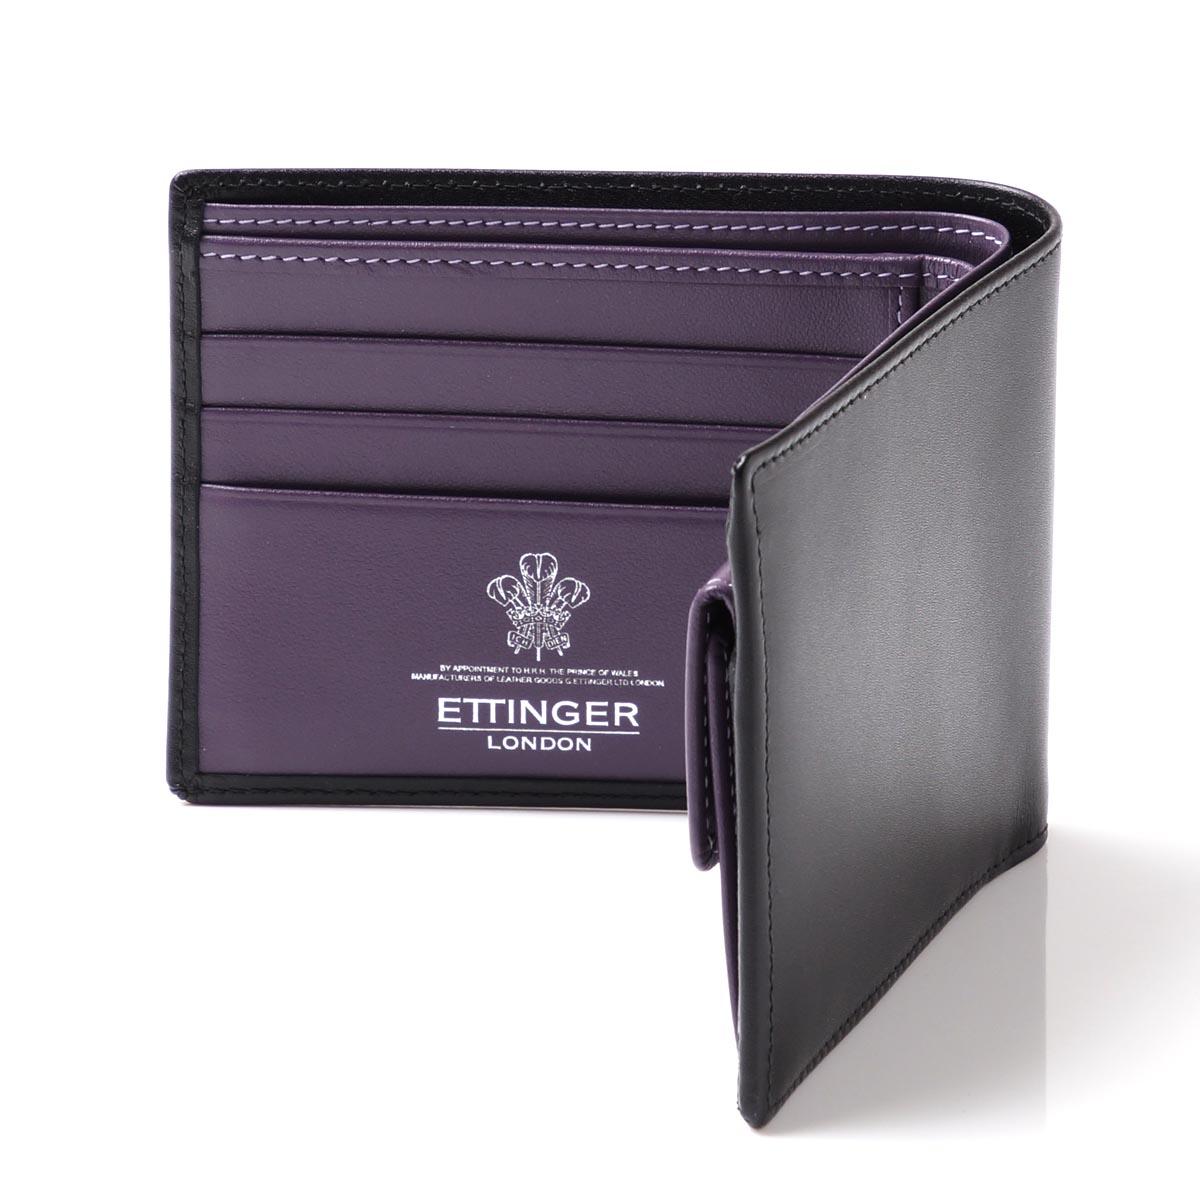 エッティンガー/ETTINGER 2つ折り財布[小銭入れ付き] ロイヤルコレクション BLACK×PURPLE ブラック系 st141jr メンズ【あす楽対応_関東】